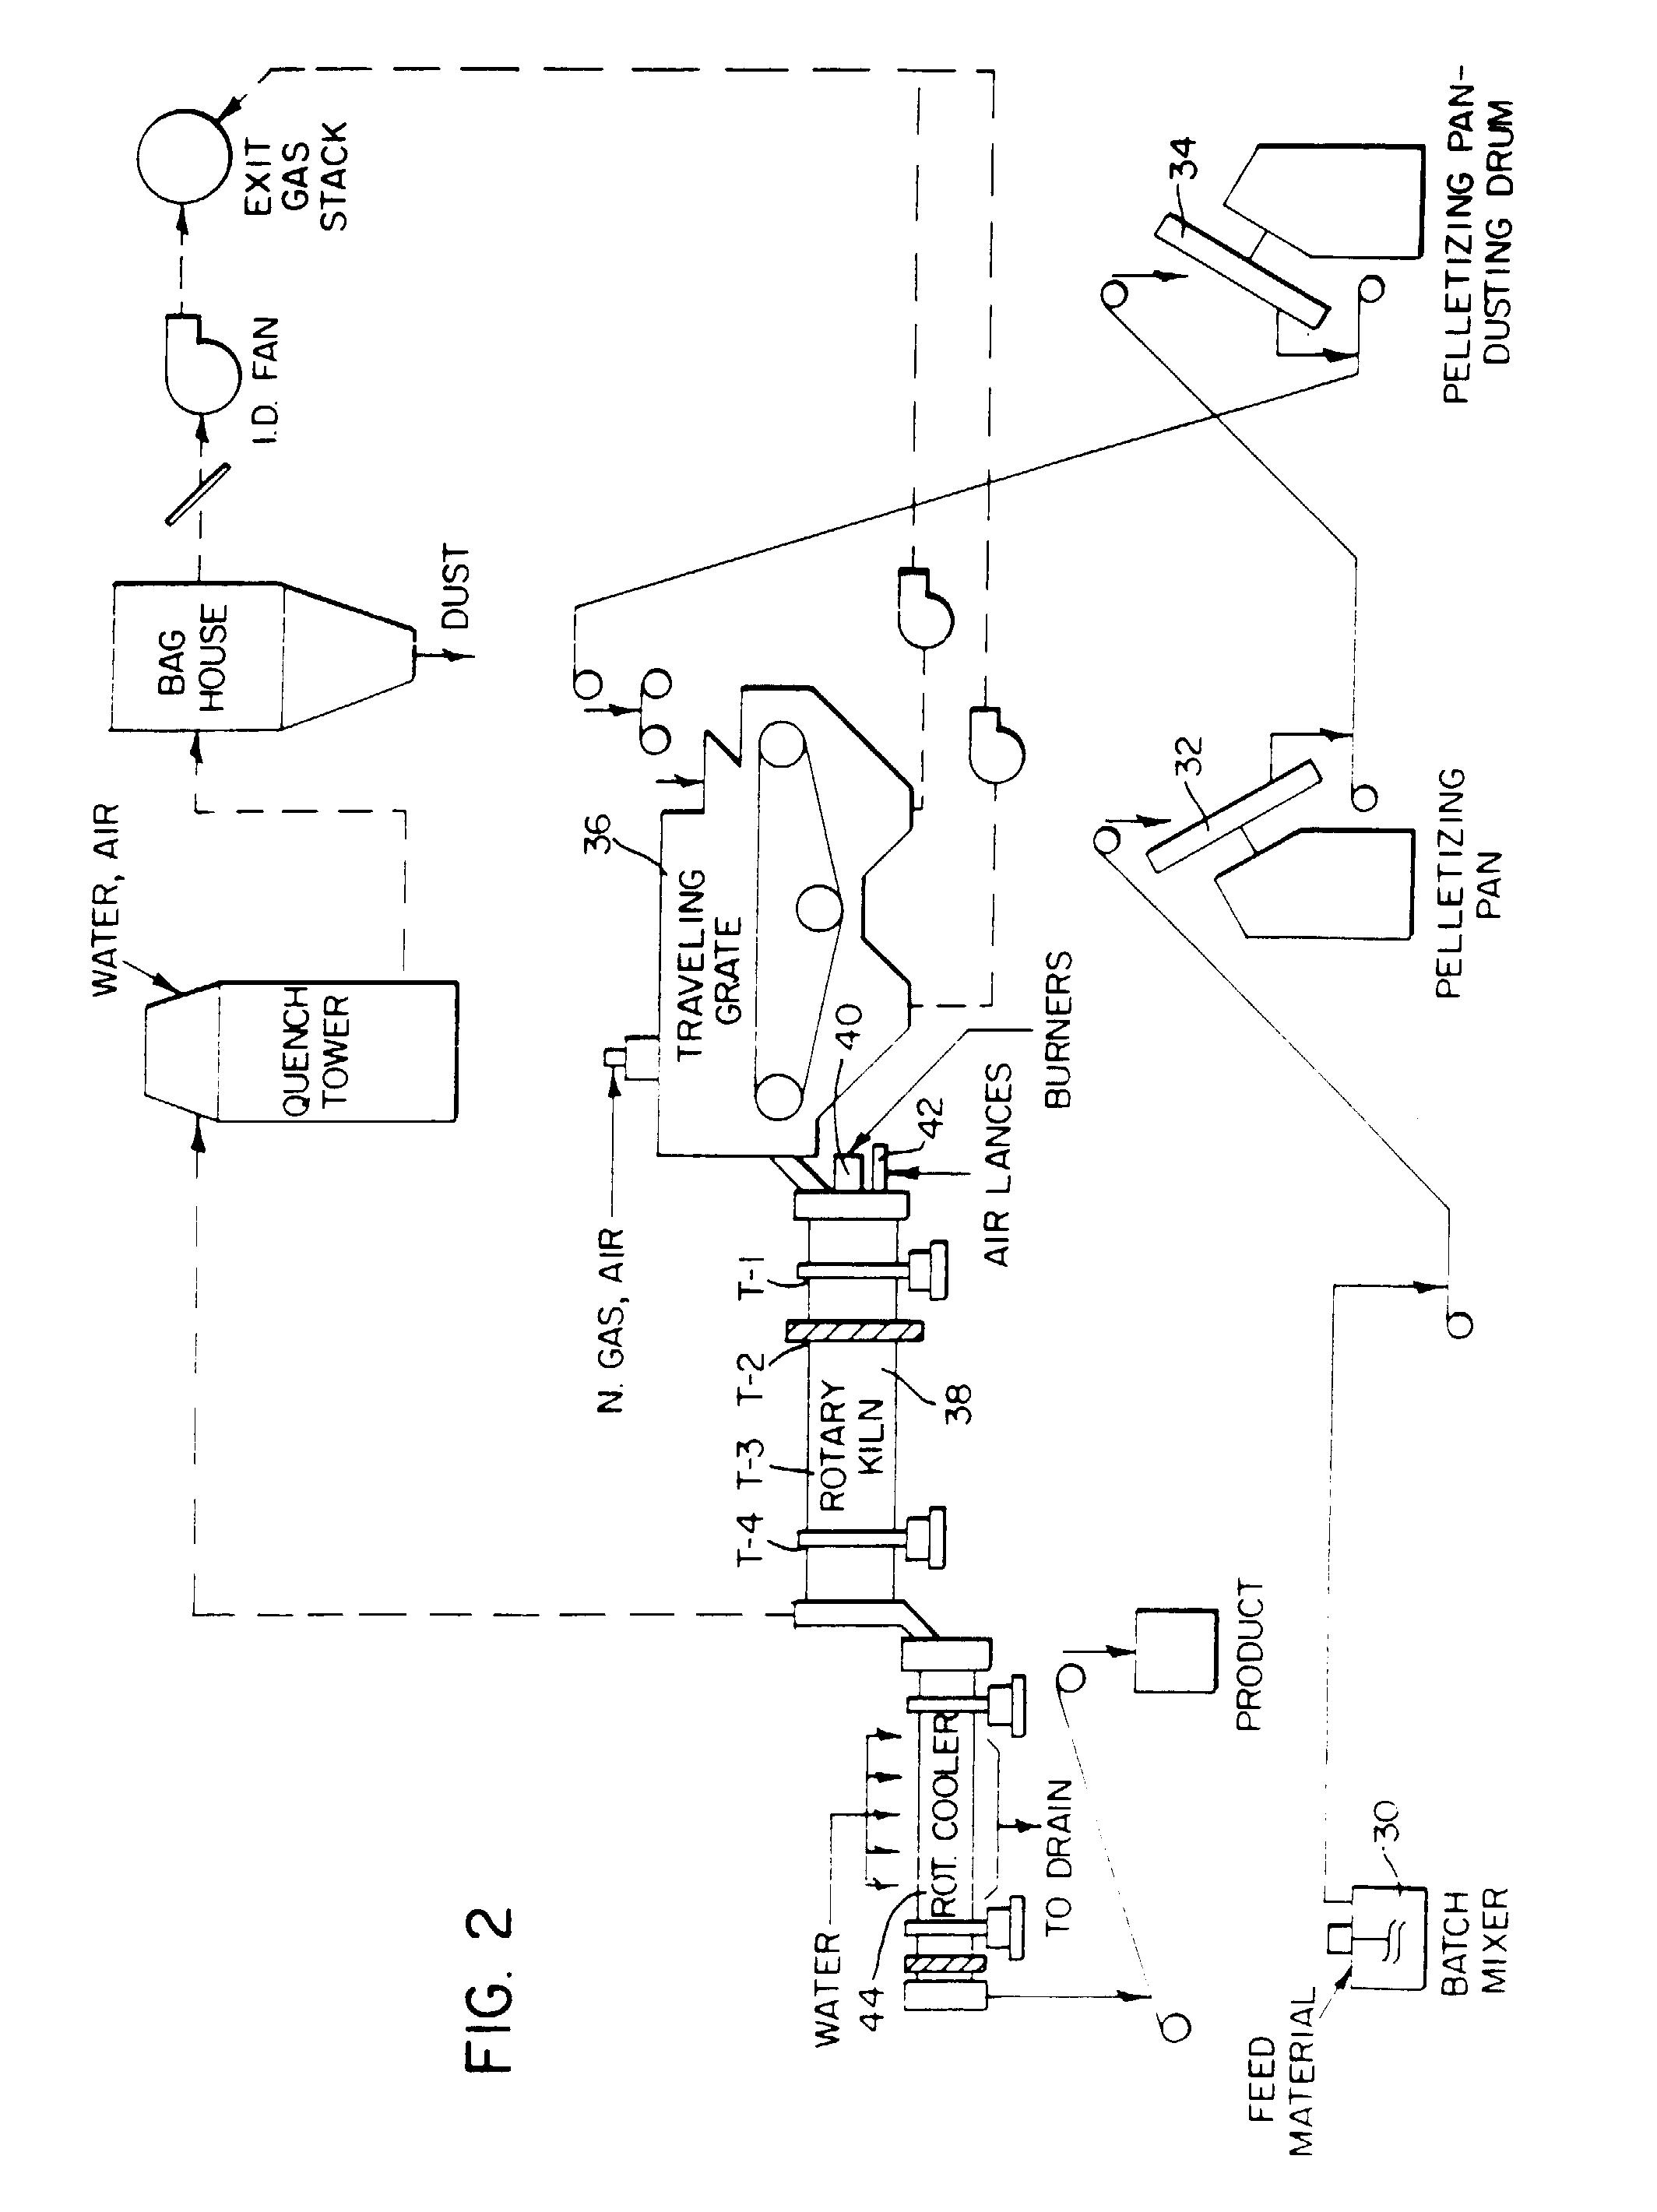 Geil Kiln Controller Wiring Diagram - Wiring Harness Repair Course -  yamaha-phazer.yenpancane.jeanjaures37.fr | Geil Kiln Controller Wiring Diagram |  | Wiring Diagram Resource